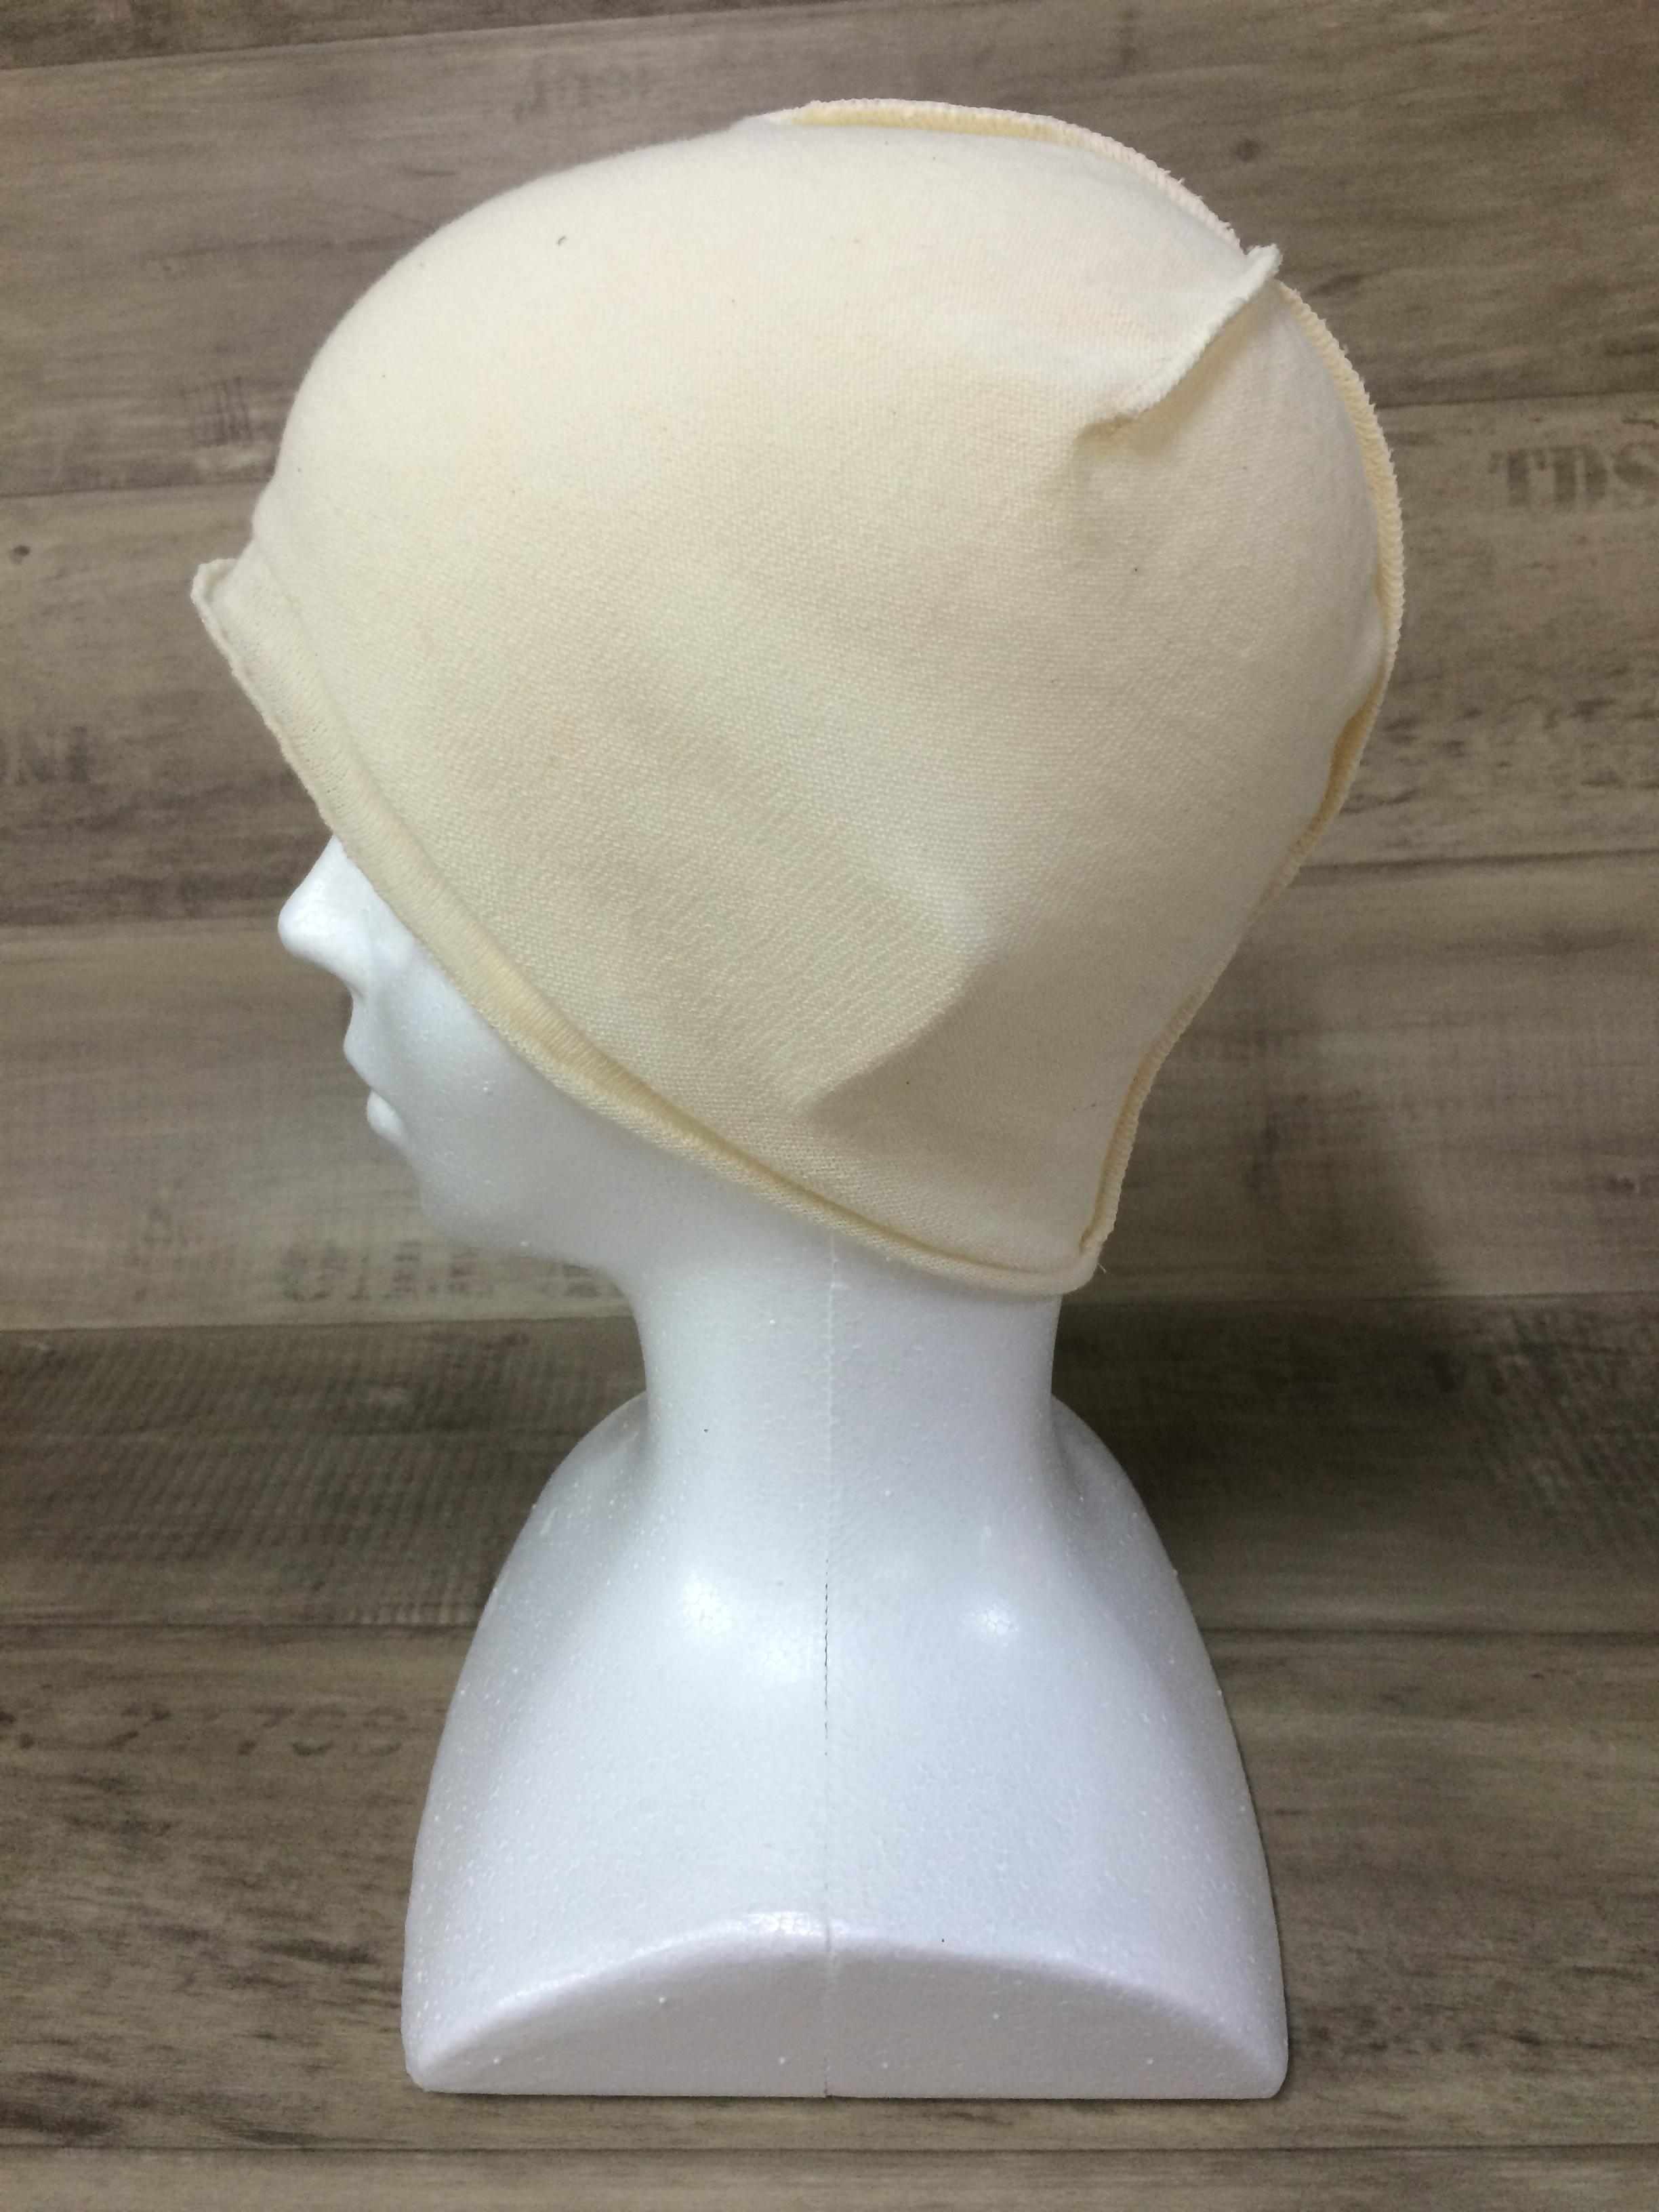 【送料無料】こころが軽くなるニット帽子amuamu|新潟の老舗ニットメーカーが考案した抗がん治療中の脱毛ストレスを軽減する機能性と豊富なデザイン NB-6057|フレンチバニラ <オーガニックコットン インナー>